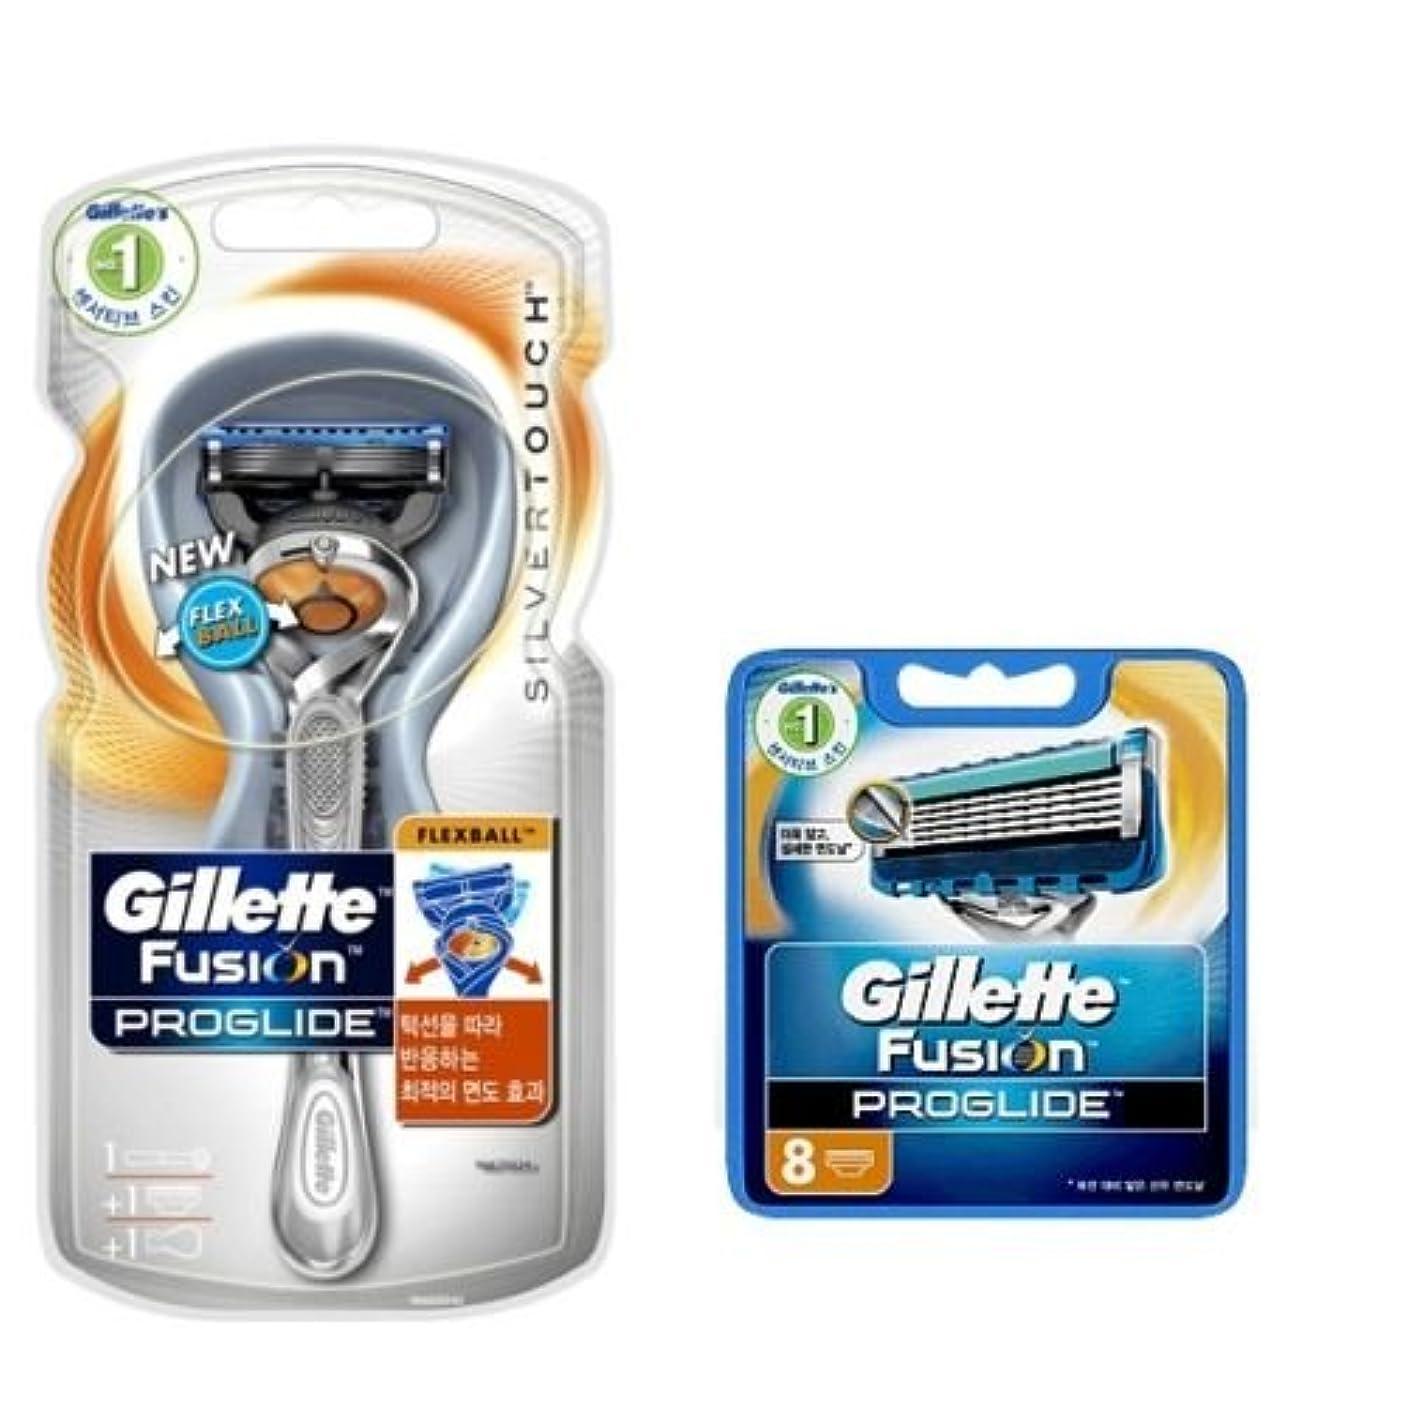 花束ベジタリアン折Gillette Fusion Proglide Flexball Manual SilverTouch 男子1カミソリ9カミソリ [並行輸入品]